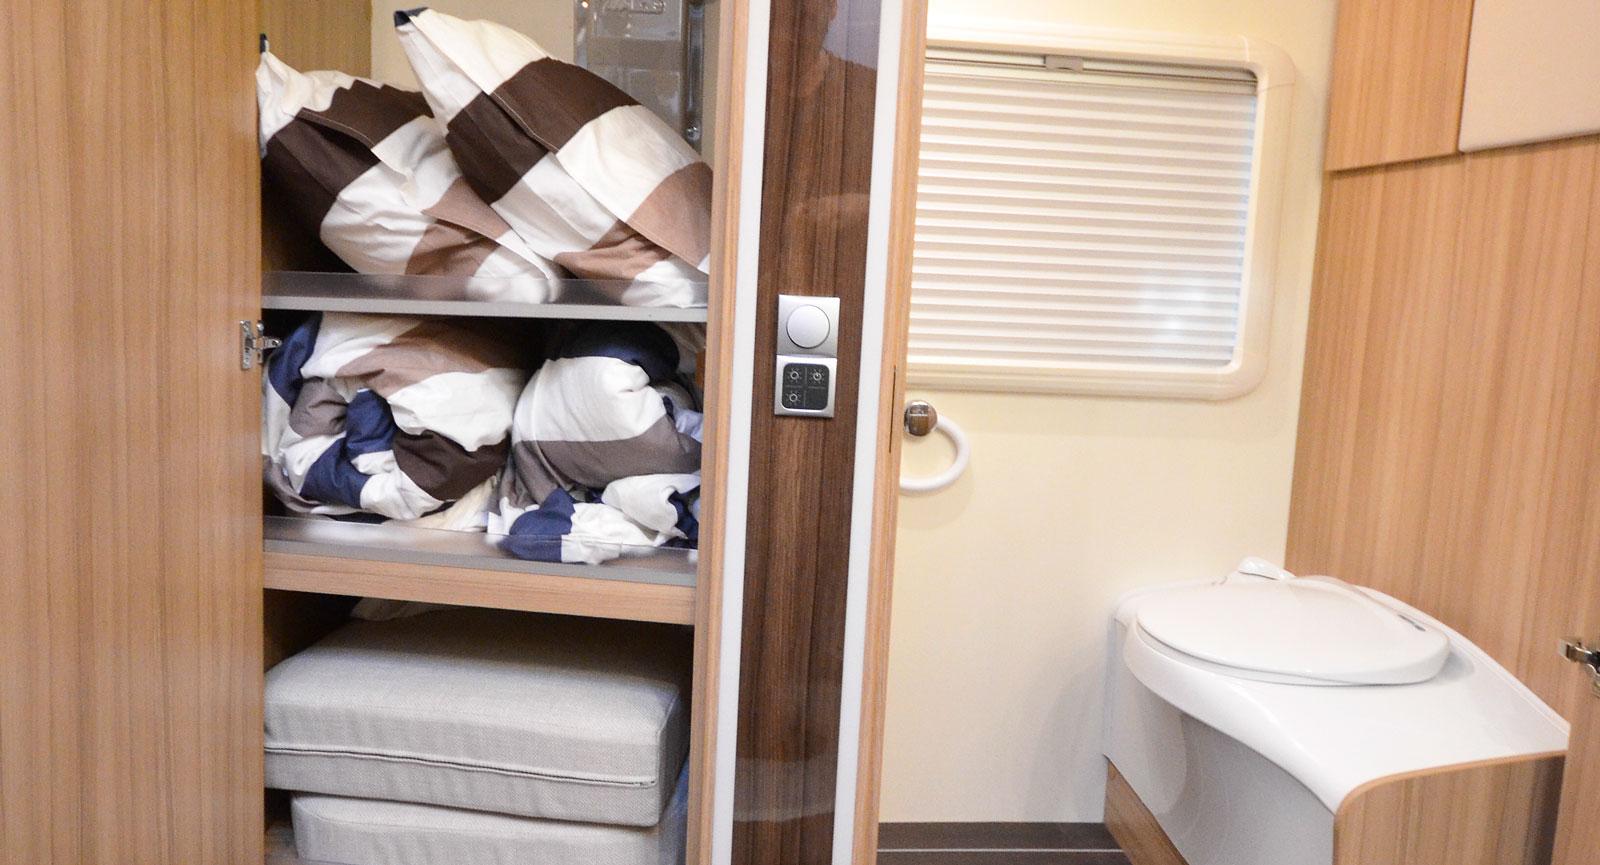 Det stora klädskåpet med hyllor och klädstång. I toalettutrymmet intill går det bra att torka kläder och handdukar på en stor handdukstork som inte syns på denna bild.